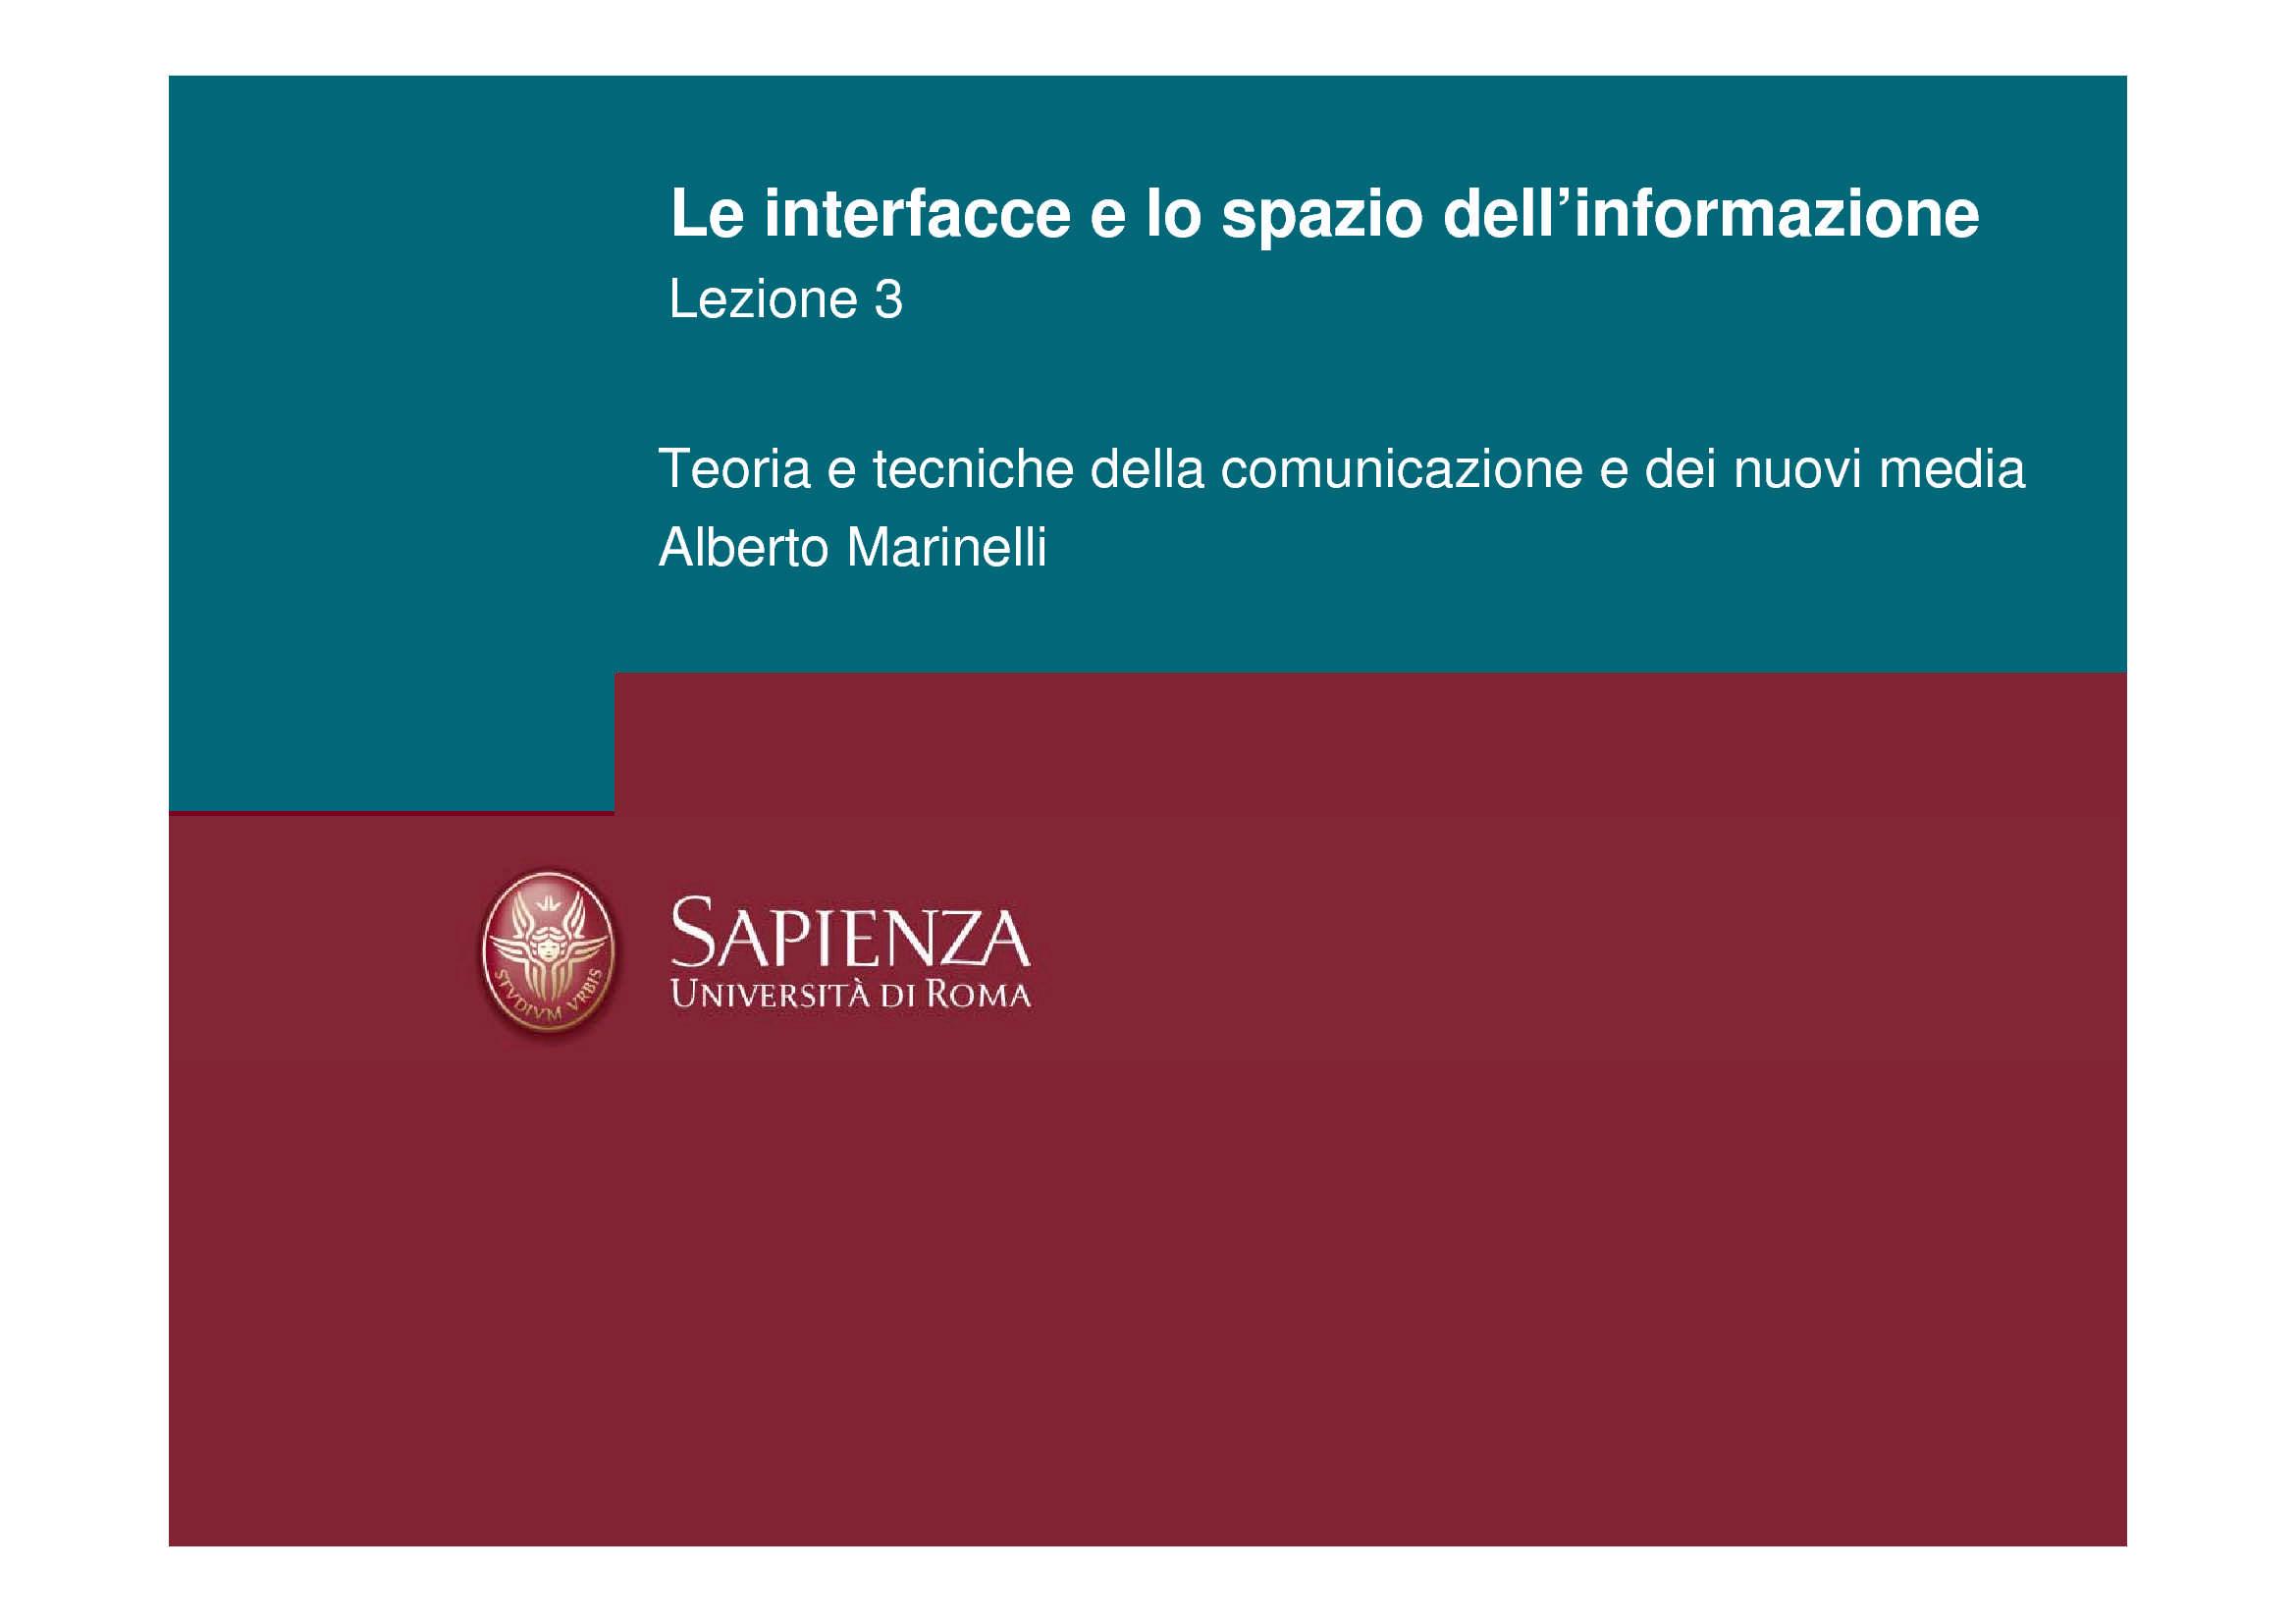 Informazione - Spazio e Interfacce